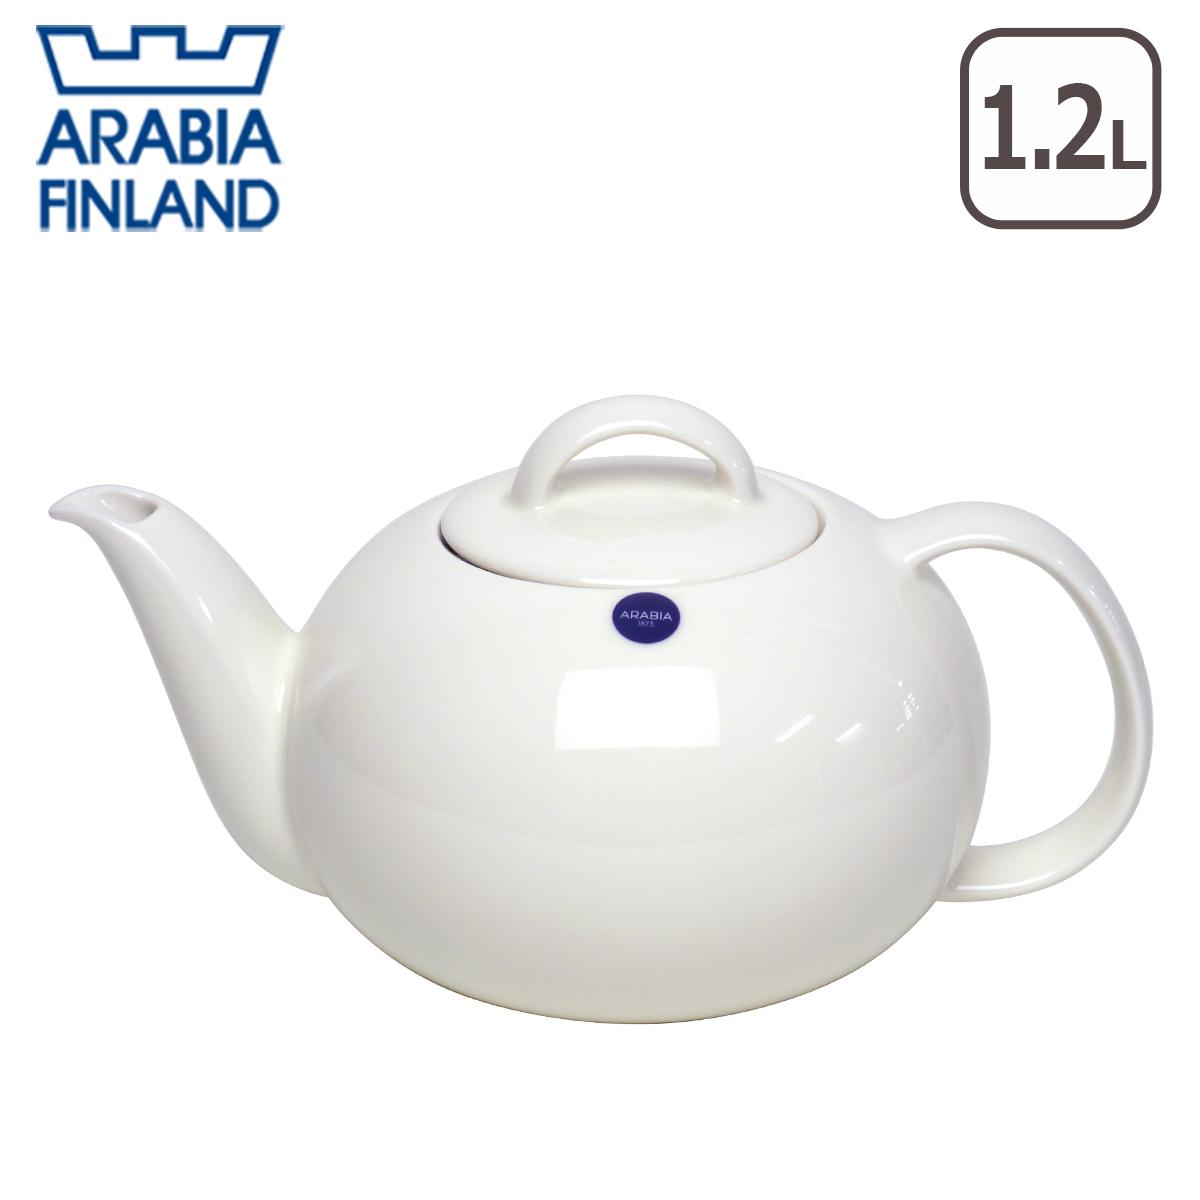 アラビア(Arabia) 24h 1.2L ティーポット ホワイト Arabia 北欧 食器 ギフト・のし可